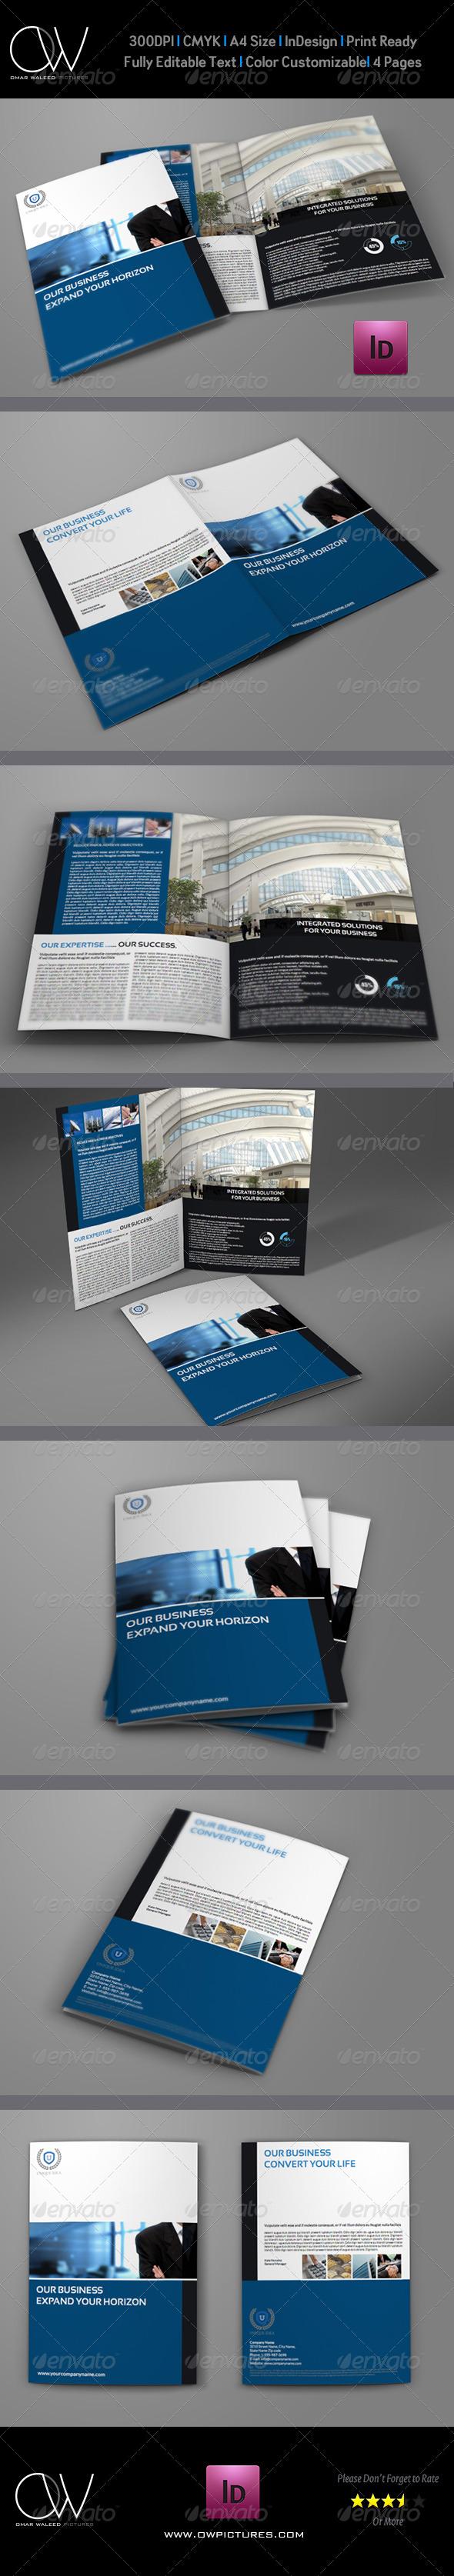 GraphicRiver Company Brochure Bi-Fold Template Vol.7 6217962